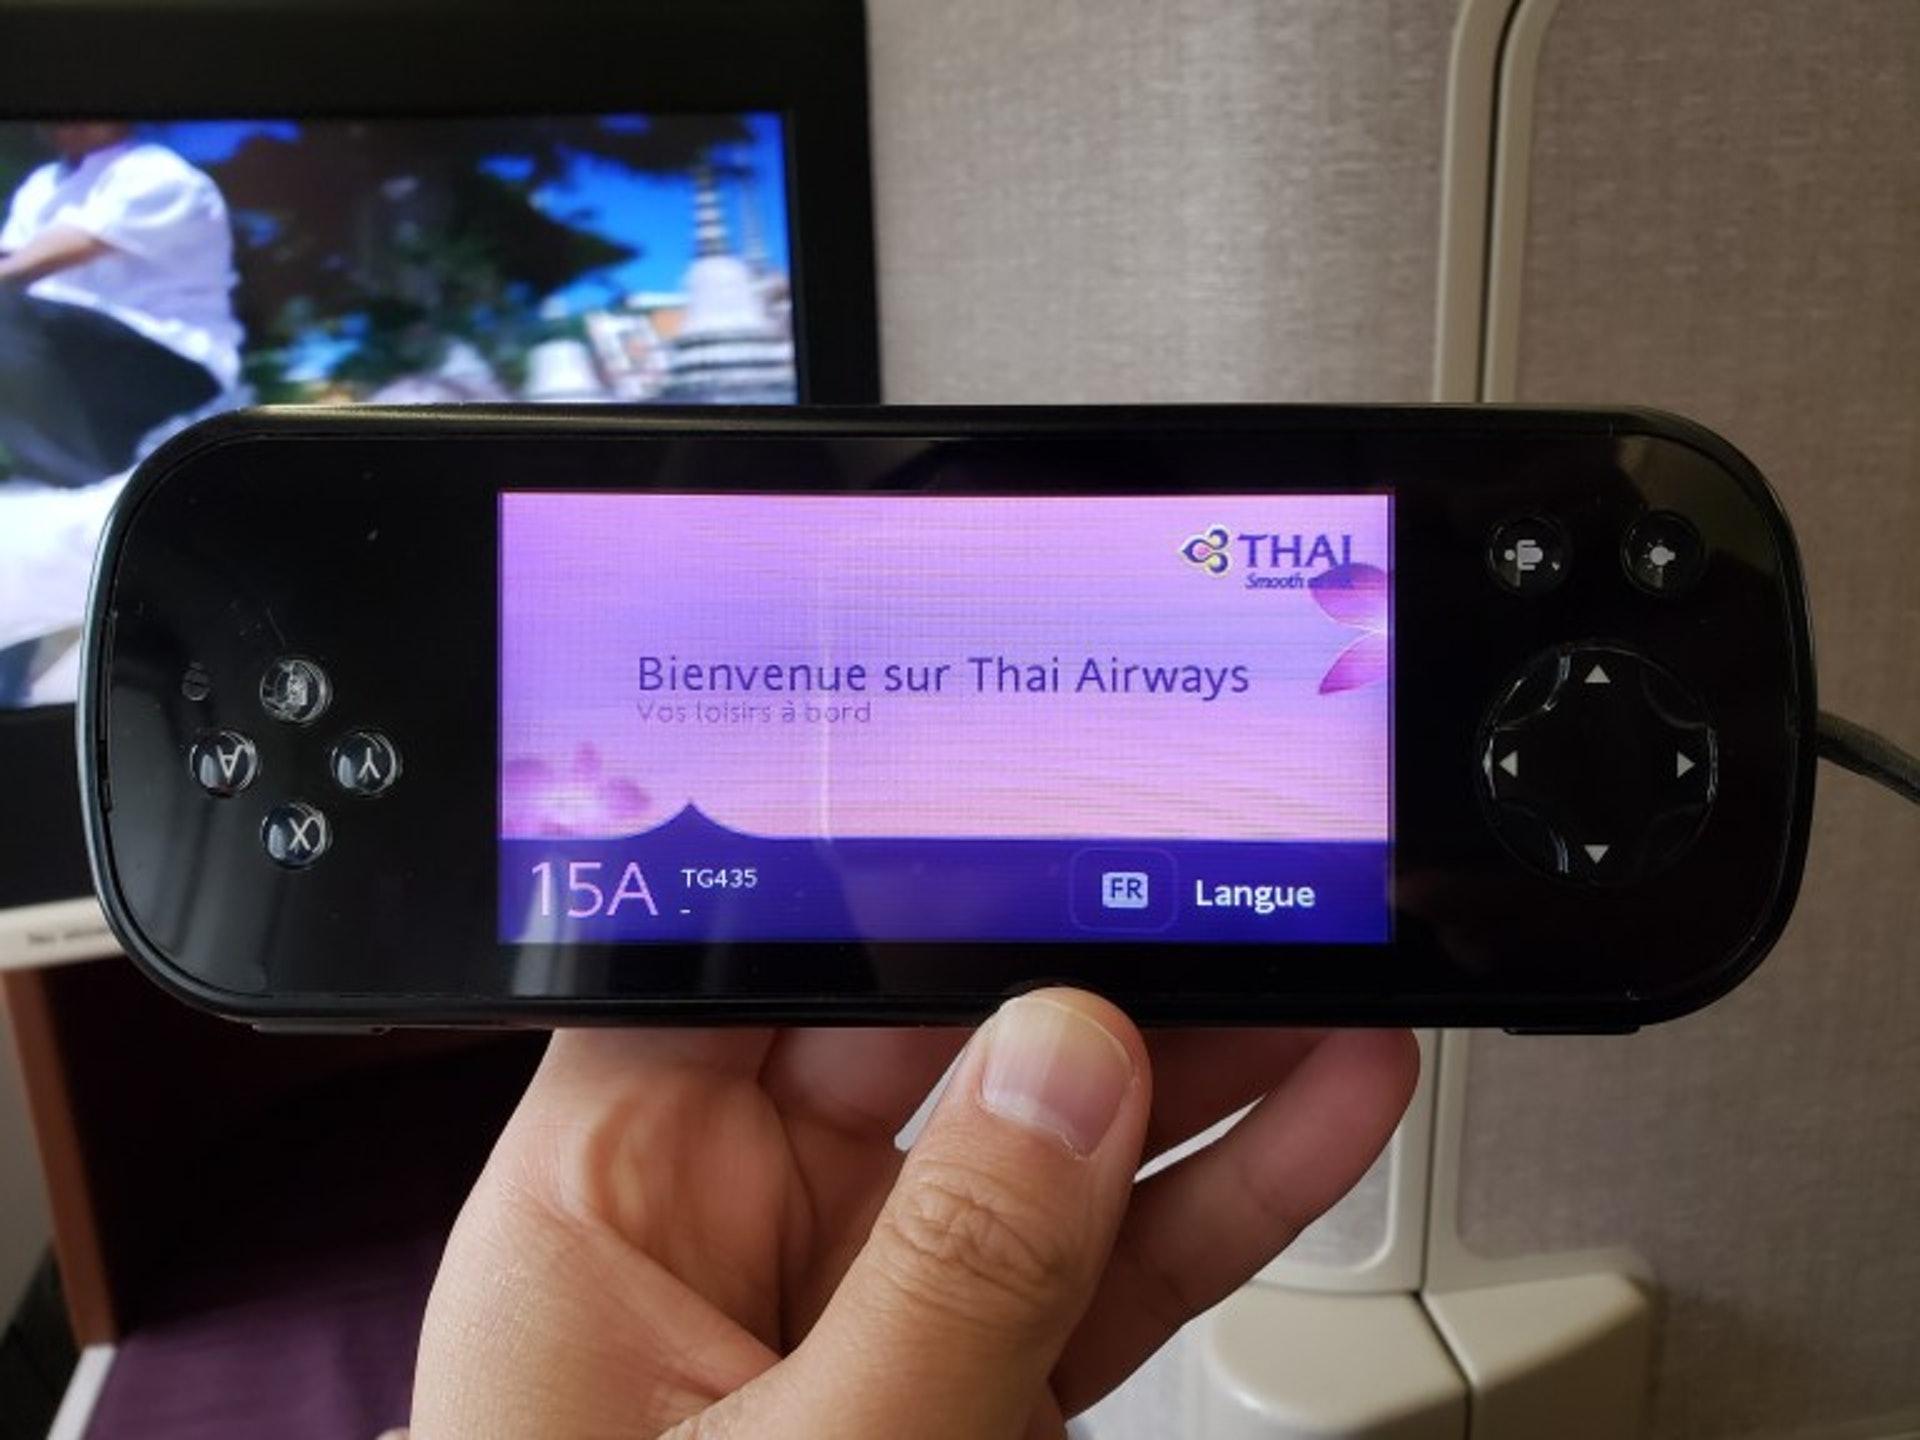 類似SONY PSP的觸控式娛樂系統控制器(TripPlus授權使用)